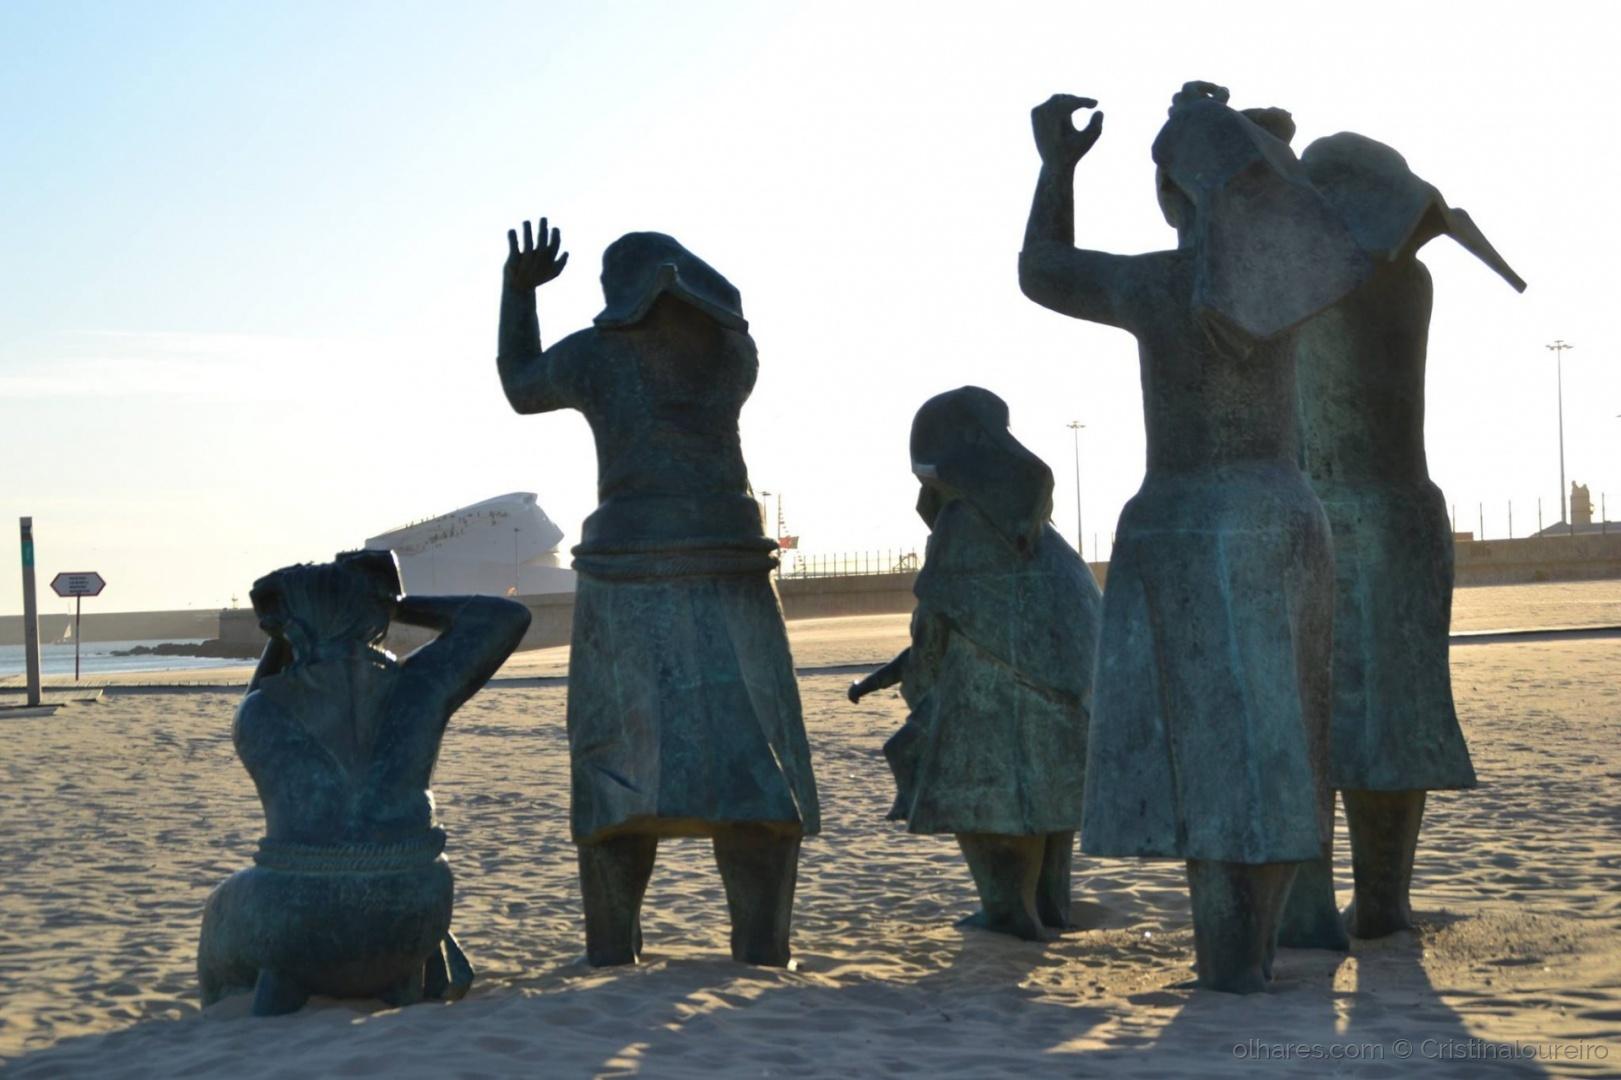 História/Escultura homenagem ao naufrágio de 1947...